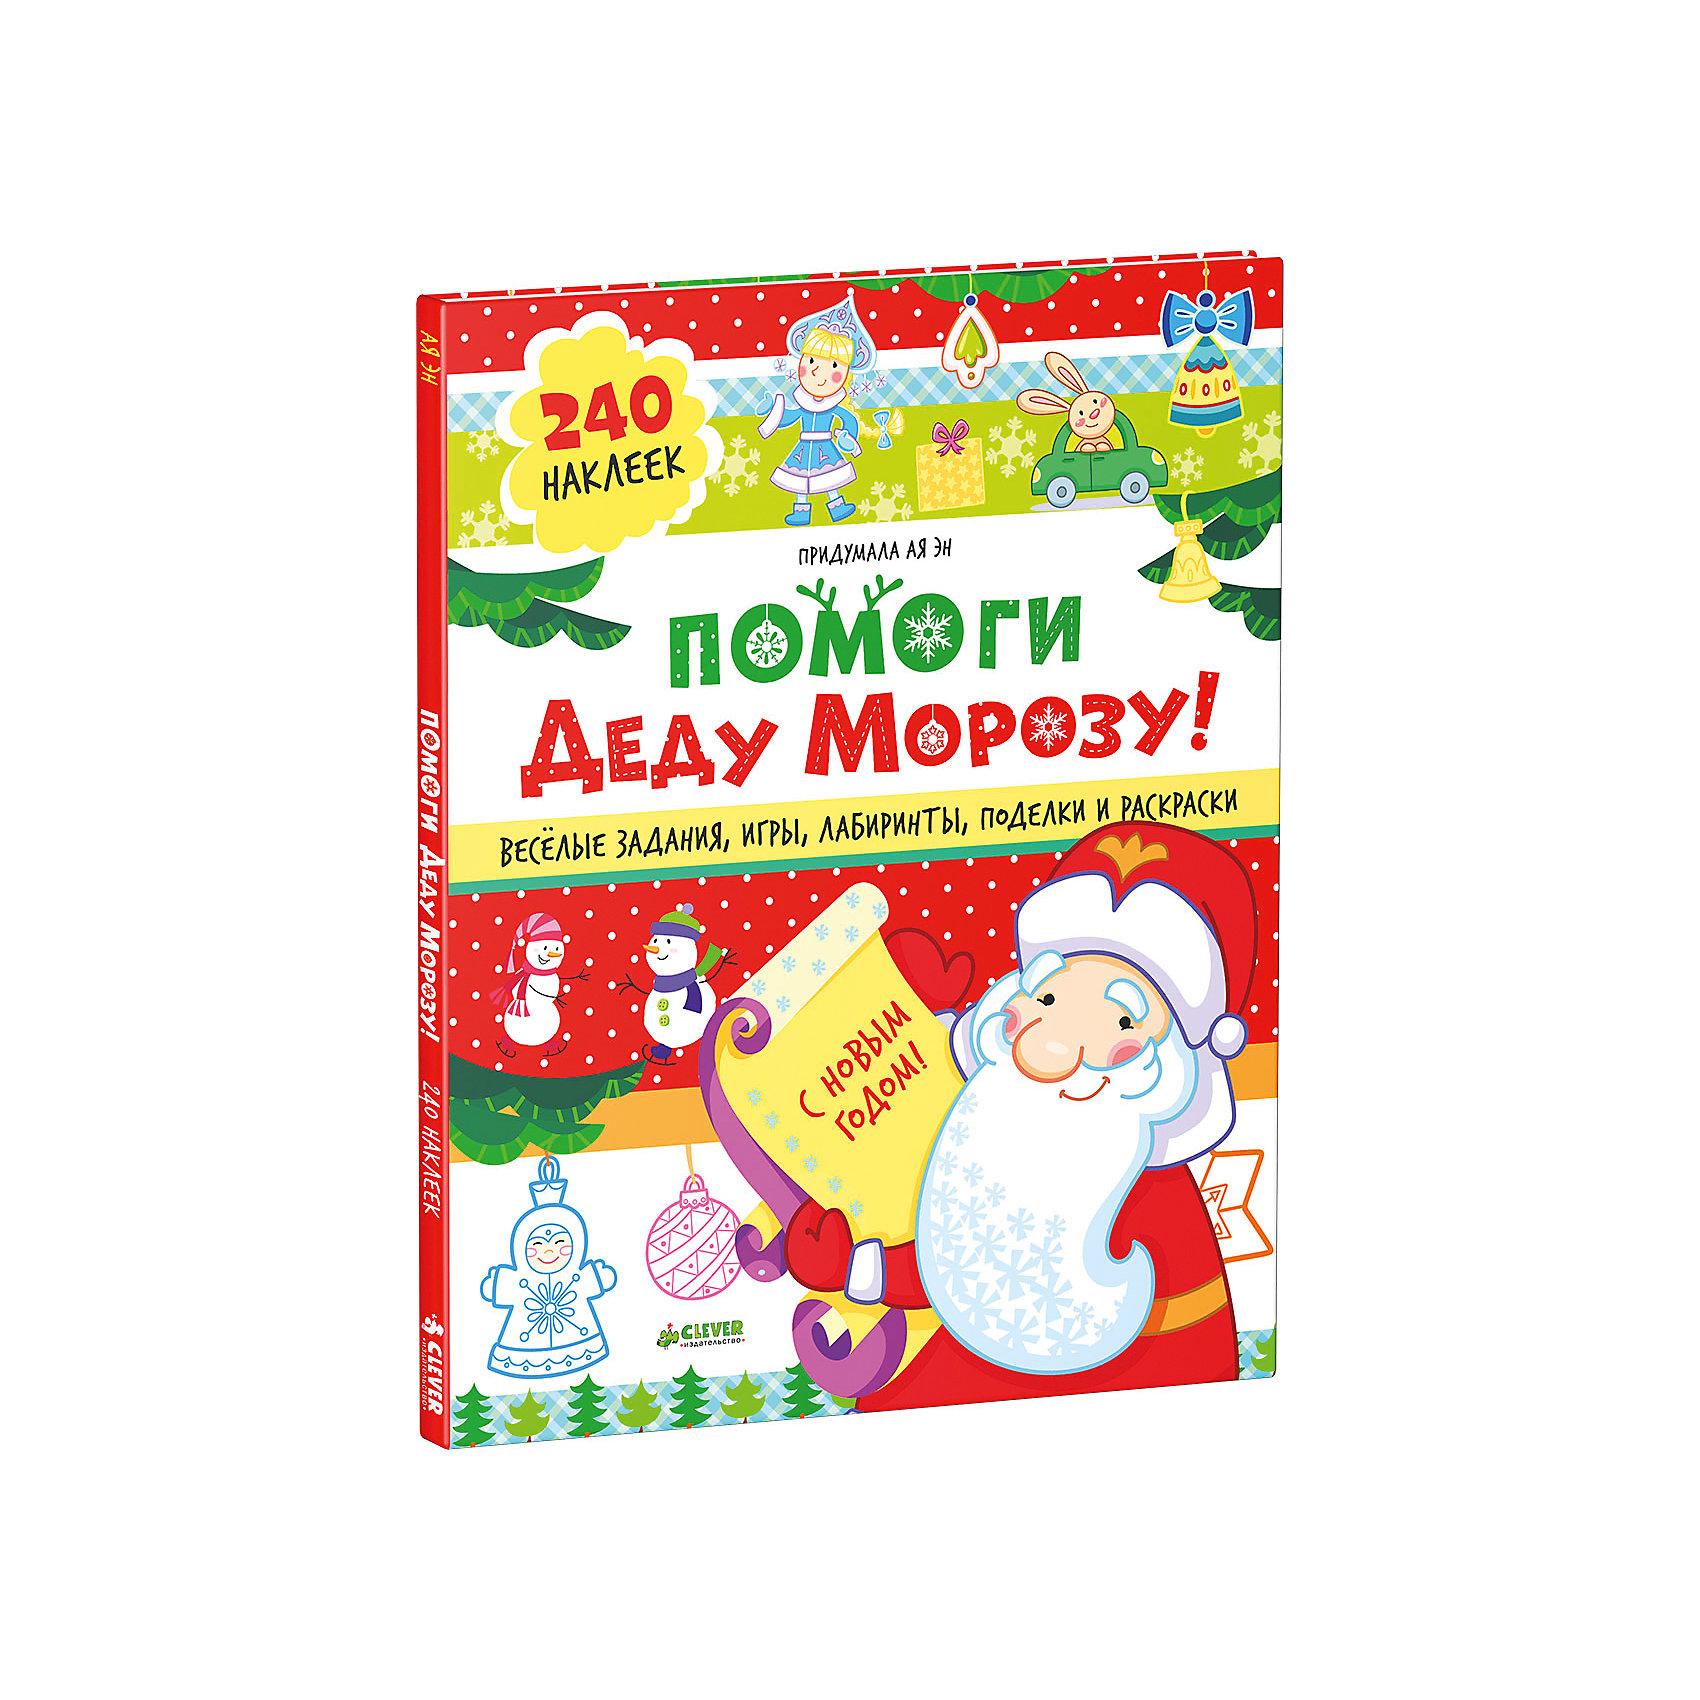 Помоги Деду Морозу! 40 веселых заданий с наклейкамиПомоги Деду Морозу! 40 веселых заданий с наклейками - это книга с веселыми заданиями, играми, лабиринтами, поделками и раскрасками.<br>В этой новогодней книге ребенку предстоит помочь Деду Морозу подготовиться к Новому году и выполнить ряд увлекательных заданий: помочь подготовить подарки для ребят; украсить новогодние елки; сделать морозные узоры мерцающими; подготовить музыкальный номер со снеговиками; упаковать подарки и многое другое. Эта книга надолго займёт вашего ребёнка, а заодно поможет развить внимание, сообразительность и чувство юмора. Раскраски, лабиринты, поиск предметов, сравнения и логические задачки - всё, что любят дети!<br><br>Дополнительная информация:<br><br>- Автор: Эн Ая<br>- Художник: Романенкова Виктория<br>- Издательство: Клевер Медиа Групп<br>- Серия: Новый Год<br>- Тип обложки: мягкий переплет (крепление скрепкой или клеем)<br>- Оформление: с наклейками<br>- Иллюстрации: цветные<br>- Количество страниц: 48 (офсет)<br>- Количество наклеек: 240<br>- Размер: 300x240x4 мм.<br>- Вес: 306 гр.<br><br>Книгу Помоги Деду Морозу! 40 веселых заданий с наклейками можно купить в нашем интернет-магазине.<br><br>Ширина мм: 245<br>Глубина мм: 325<br>Высота мм: 10<br>Вес г: 270<br>Возраст от месяцев: 0<br>Возраст до месяцев: 36<br>Пол: Унисекс<br>Возраст: Детский<br>SKU: 4419612